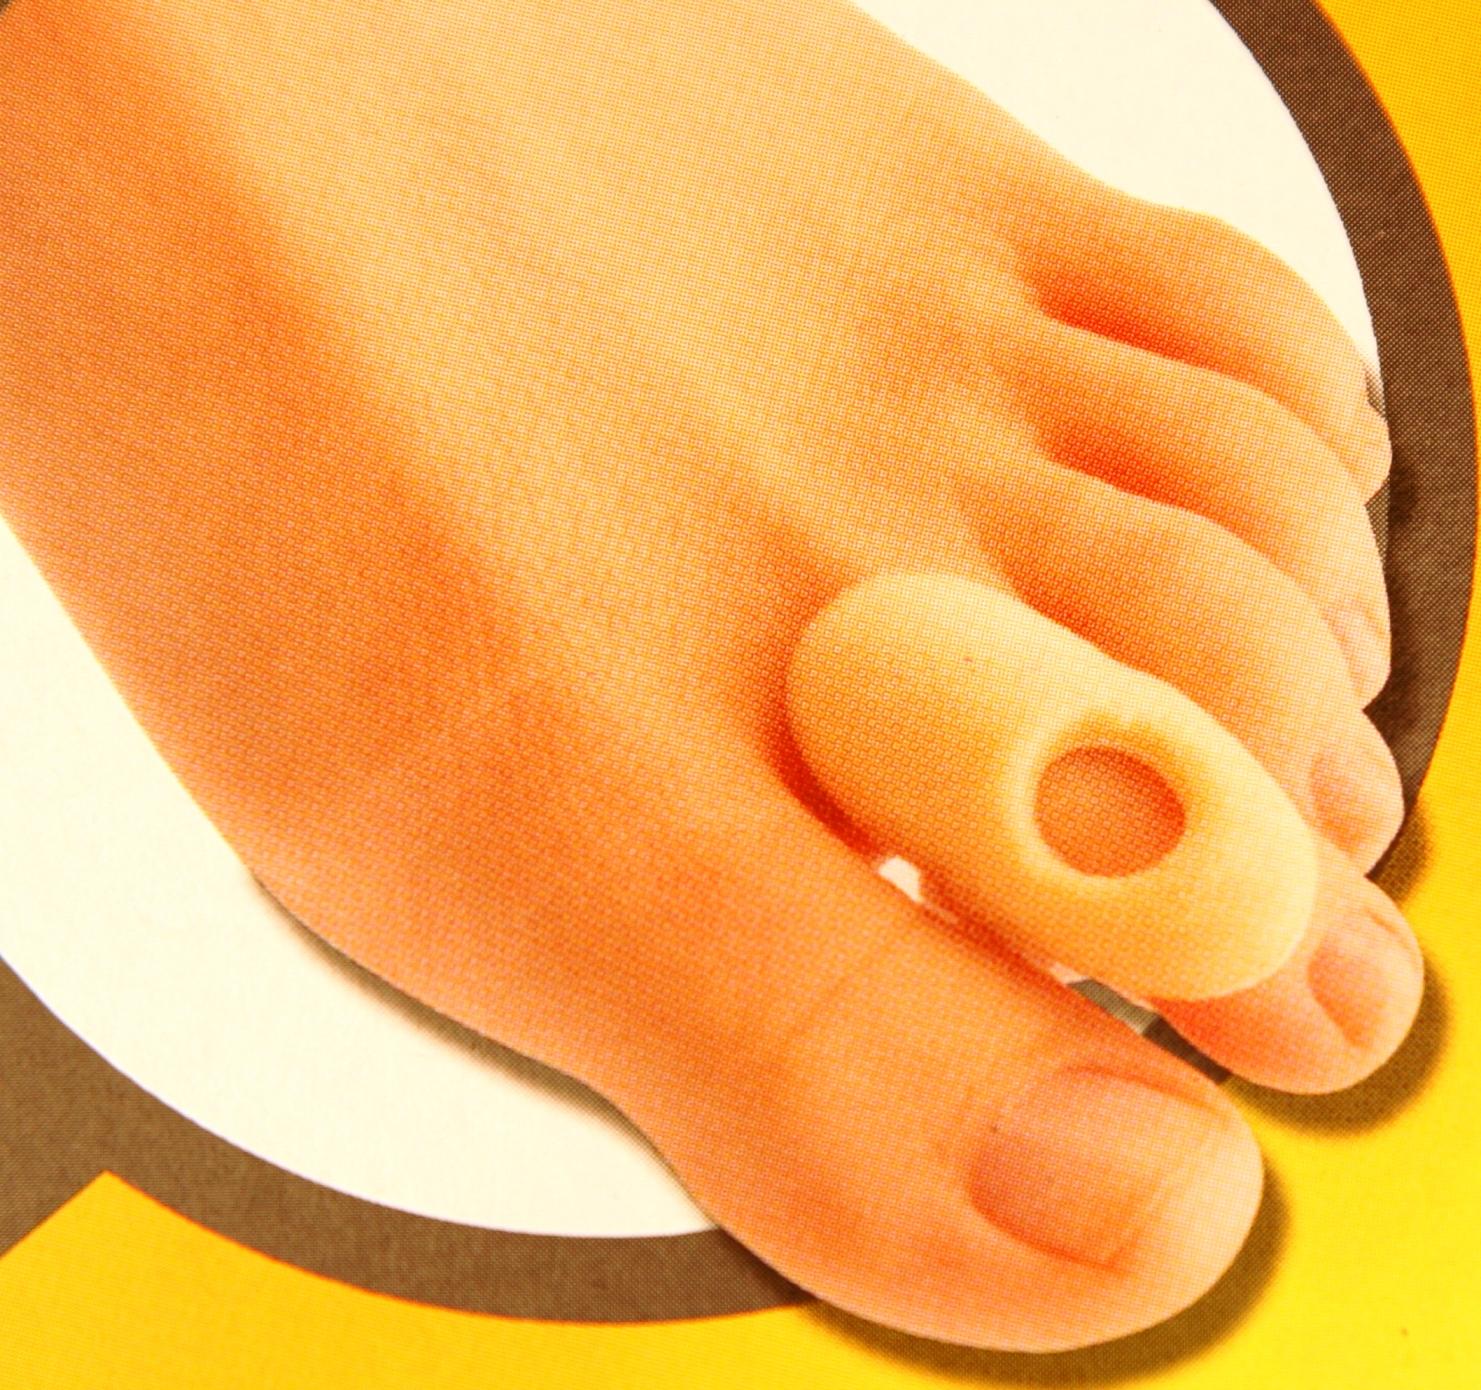 ízületi fájdalom a láb lábujjain